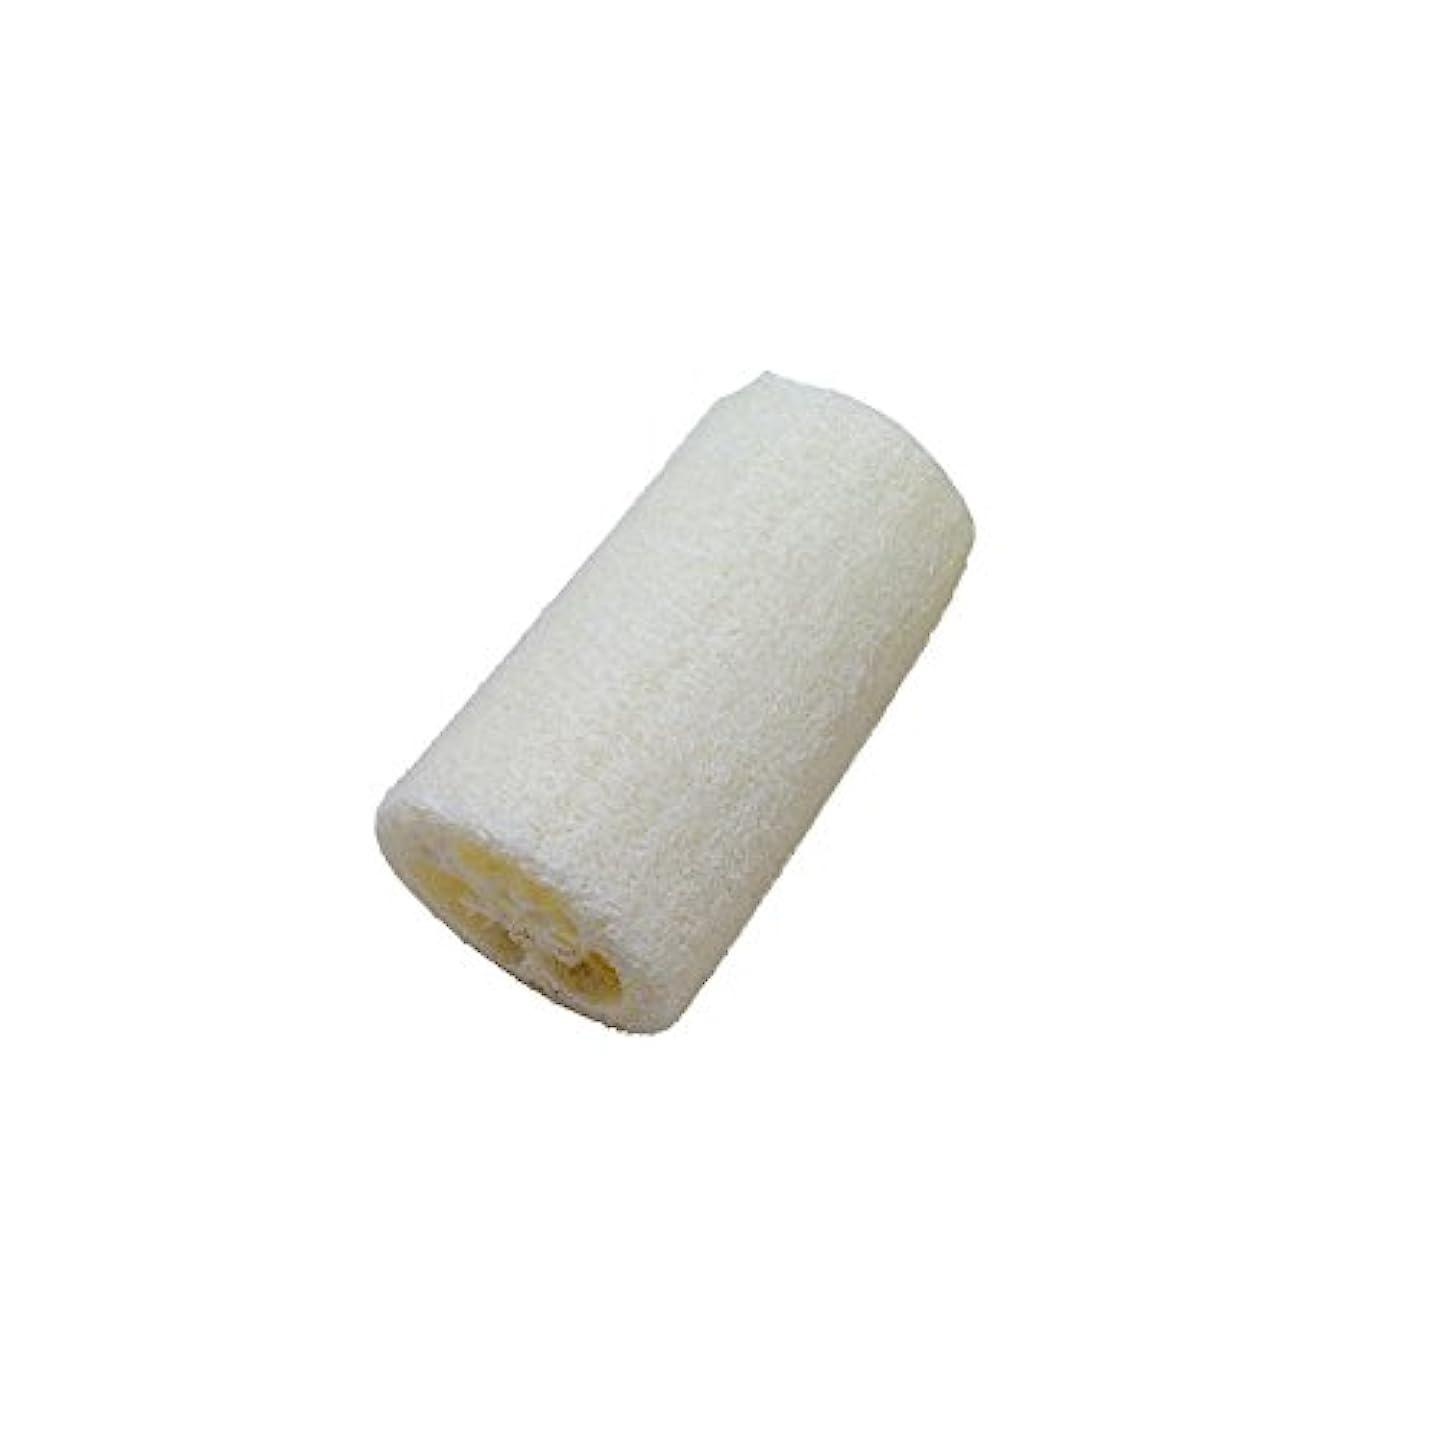 天然ヘチマ ボディスポンジ シャワースポンジ ボディブラシ シャワーブラシ 入浴 風呂スポンジ 角質海綿 全身美容 新陳代謝を促進 角質除去 マッサージ SPA ルーファ ボディウォッシュボール (7.5cm)